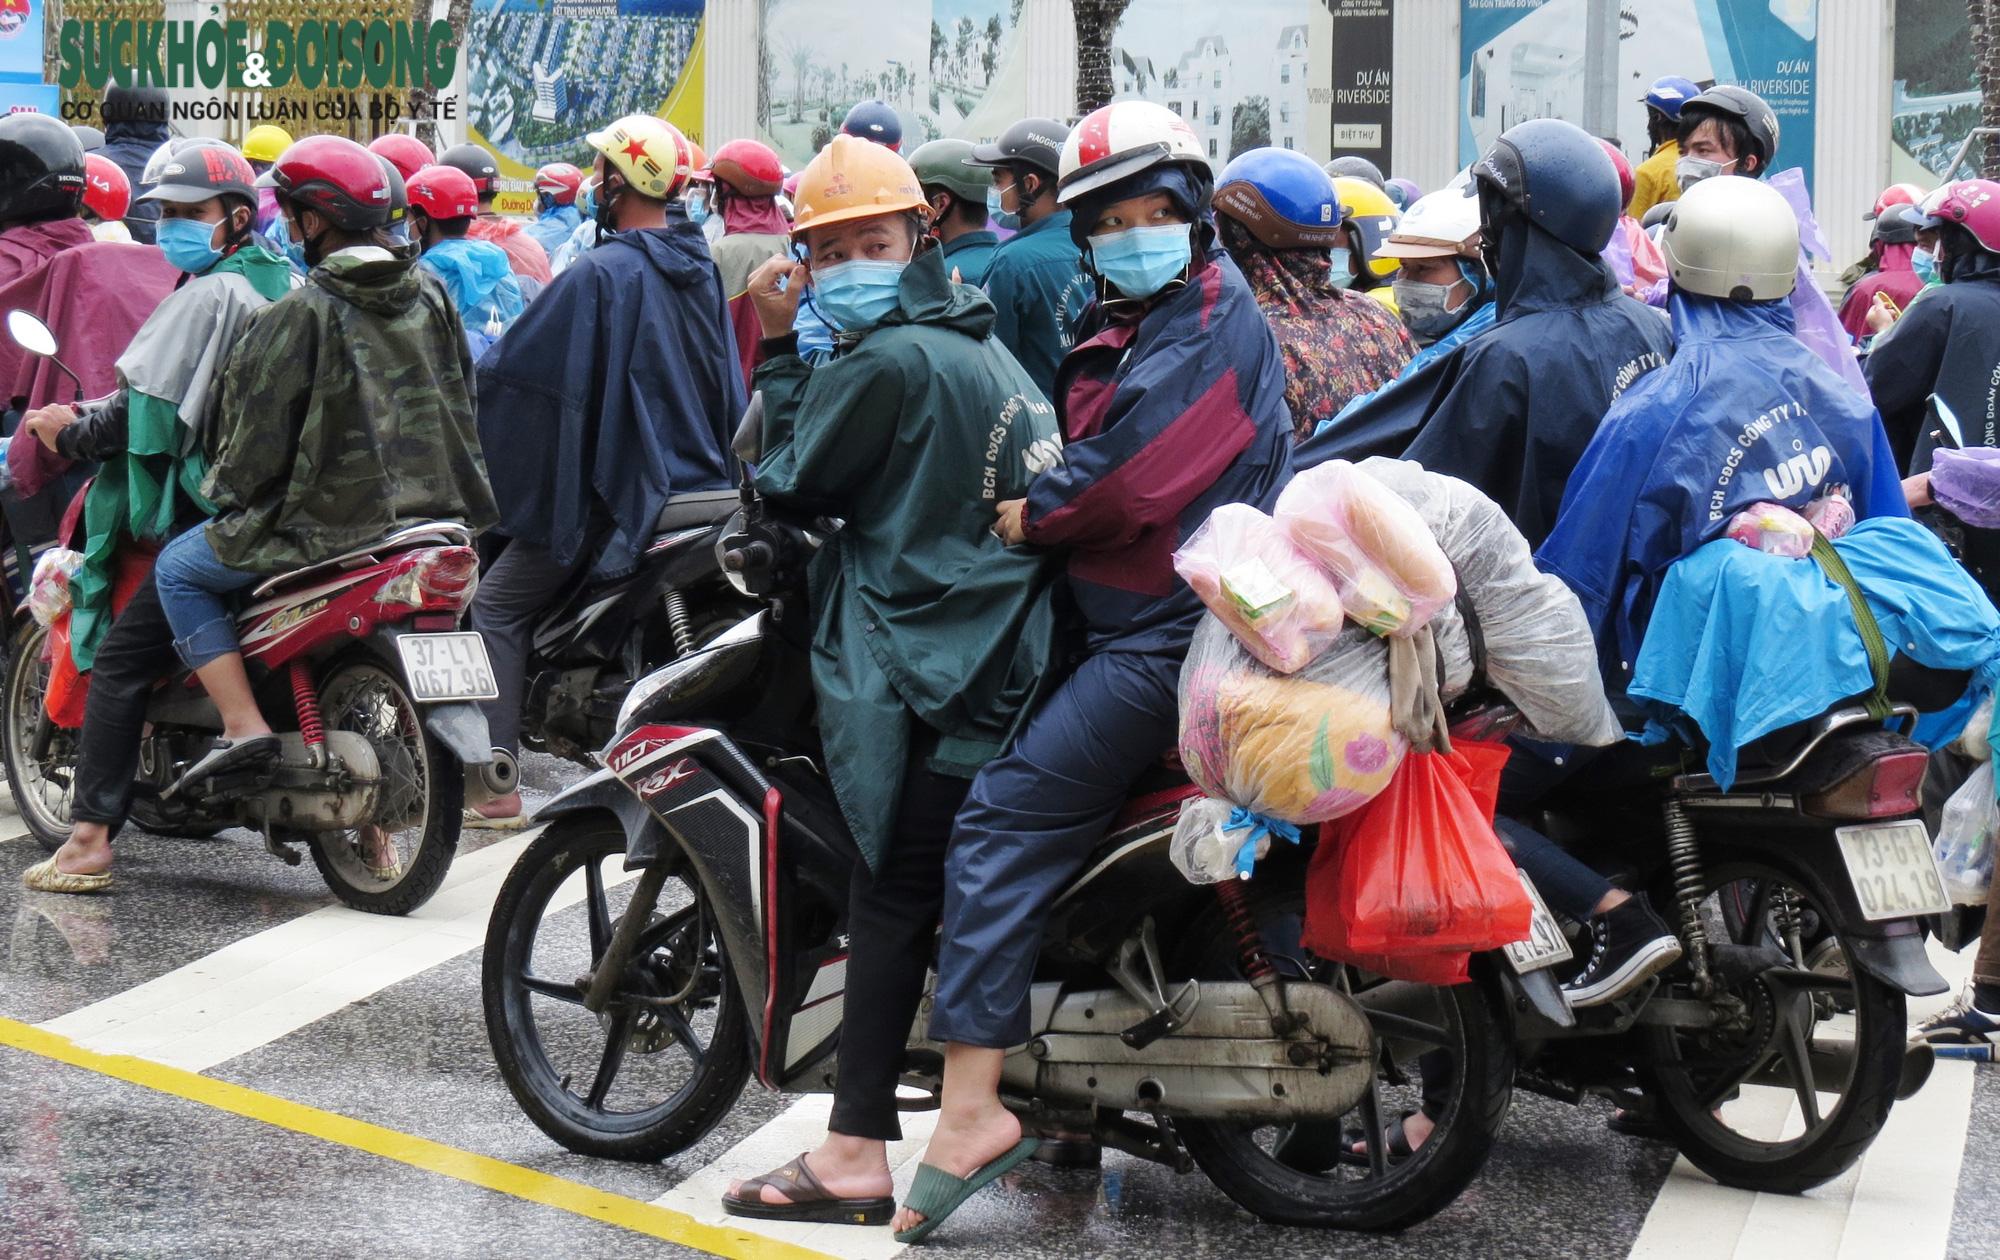 Nghệ An: Người dân về quê nên đăng ký với cơ quan chức năng sở tại - Ảnh 4.